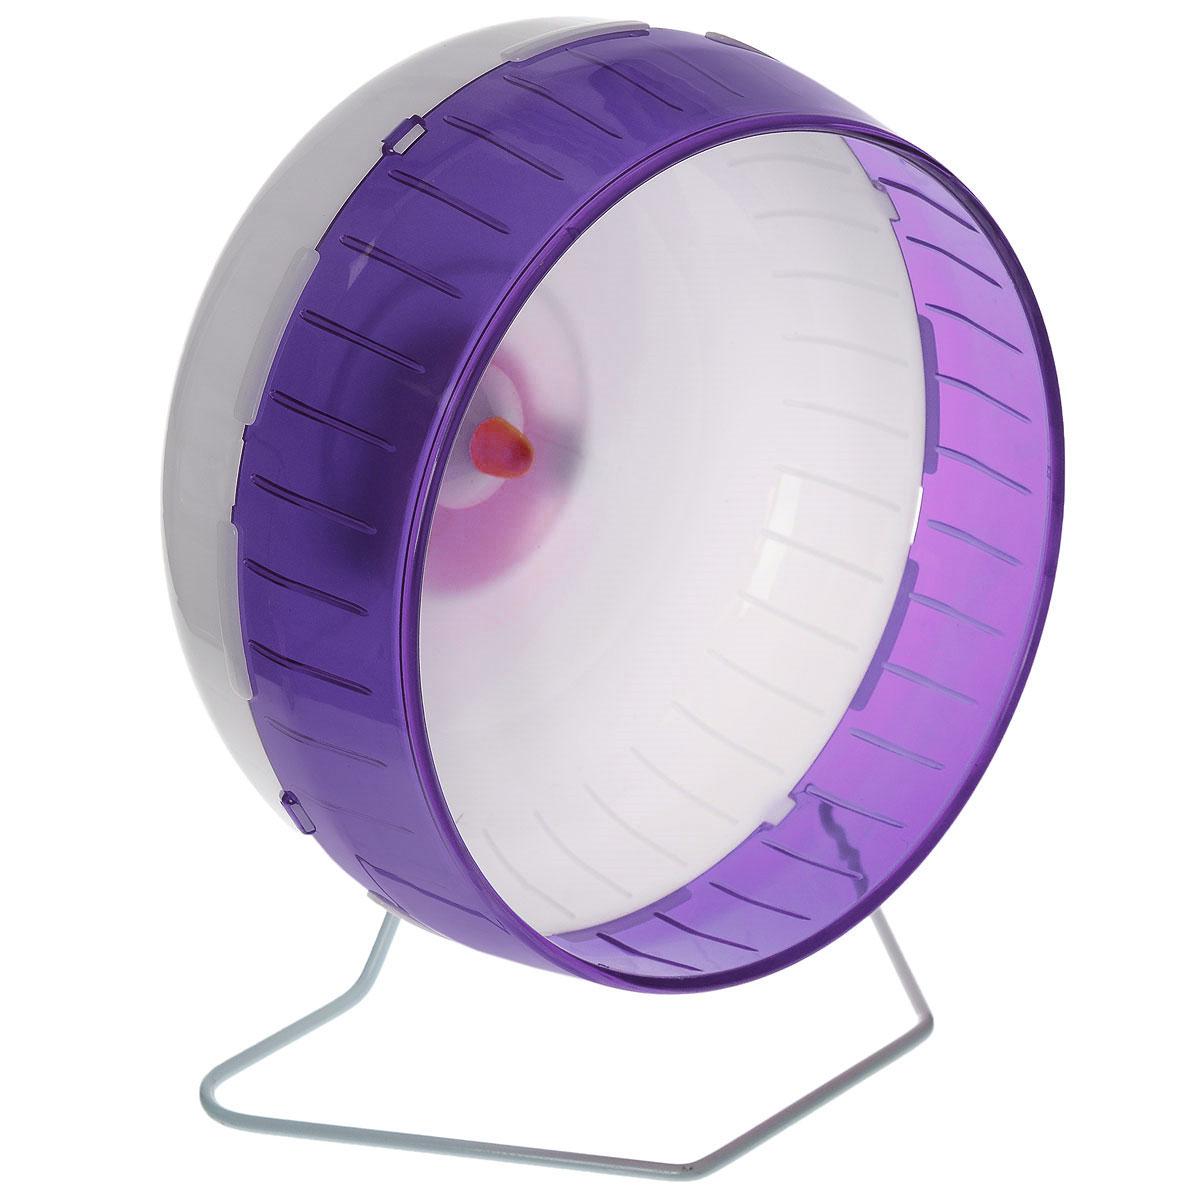 Колесо для грызунов I.P.T.S., цвет: белый, фиолетовый, 29 смV-305Колесо для грызунов I.P.T.S. - удобное и бесшумное, с высоким уровнем безопасности. Поместив его в клетку, вы обеспечите своему питомцу необходимую физическую активность. Сплошная внутренняя поверхность без щелей убережет питомца от возможных травм. Можно установить на подставку или прикрепить к решетке. Колесо можно использовать для дегу, крыс или молодых шиншилл. Диаметр колеса: 29 см.